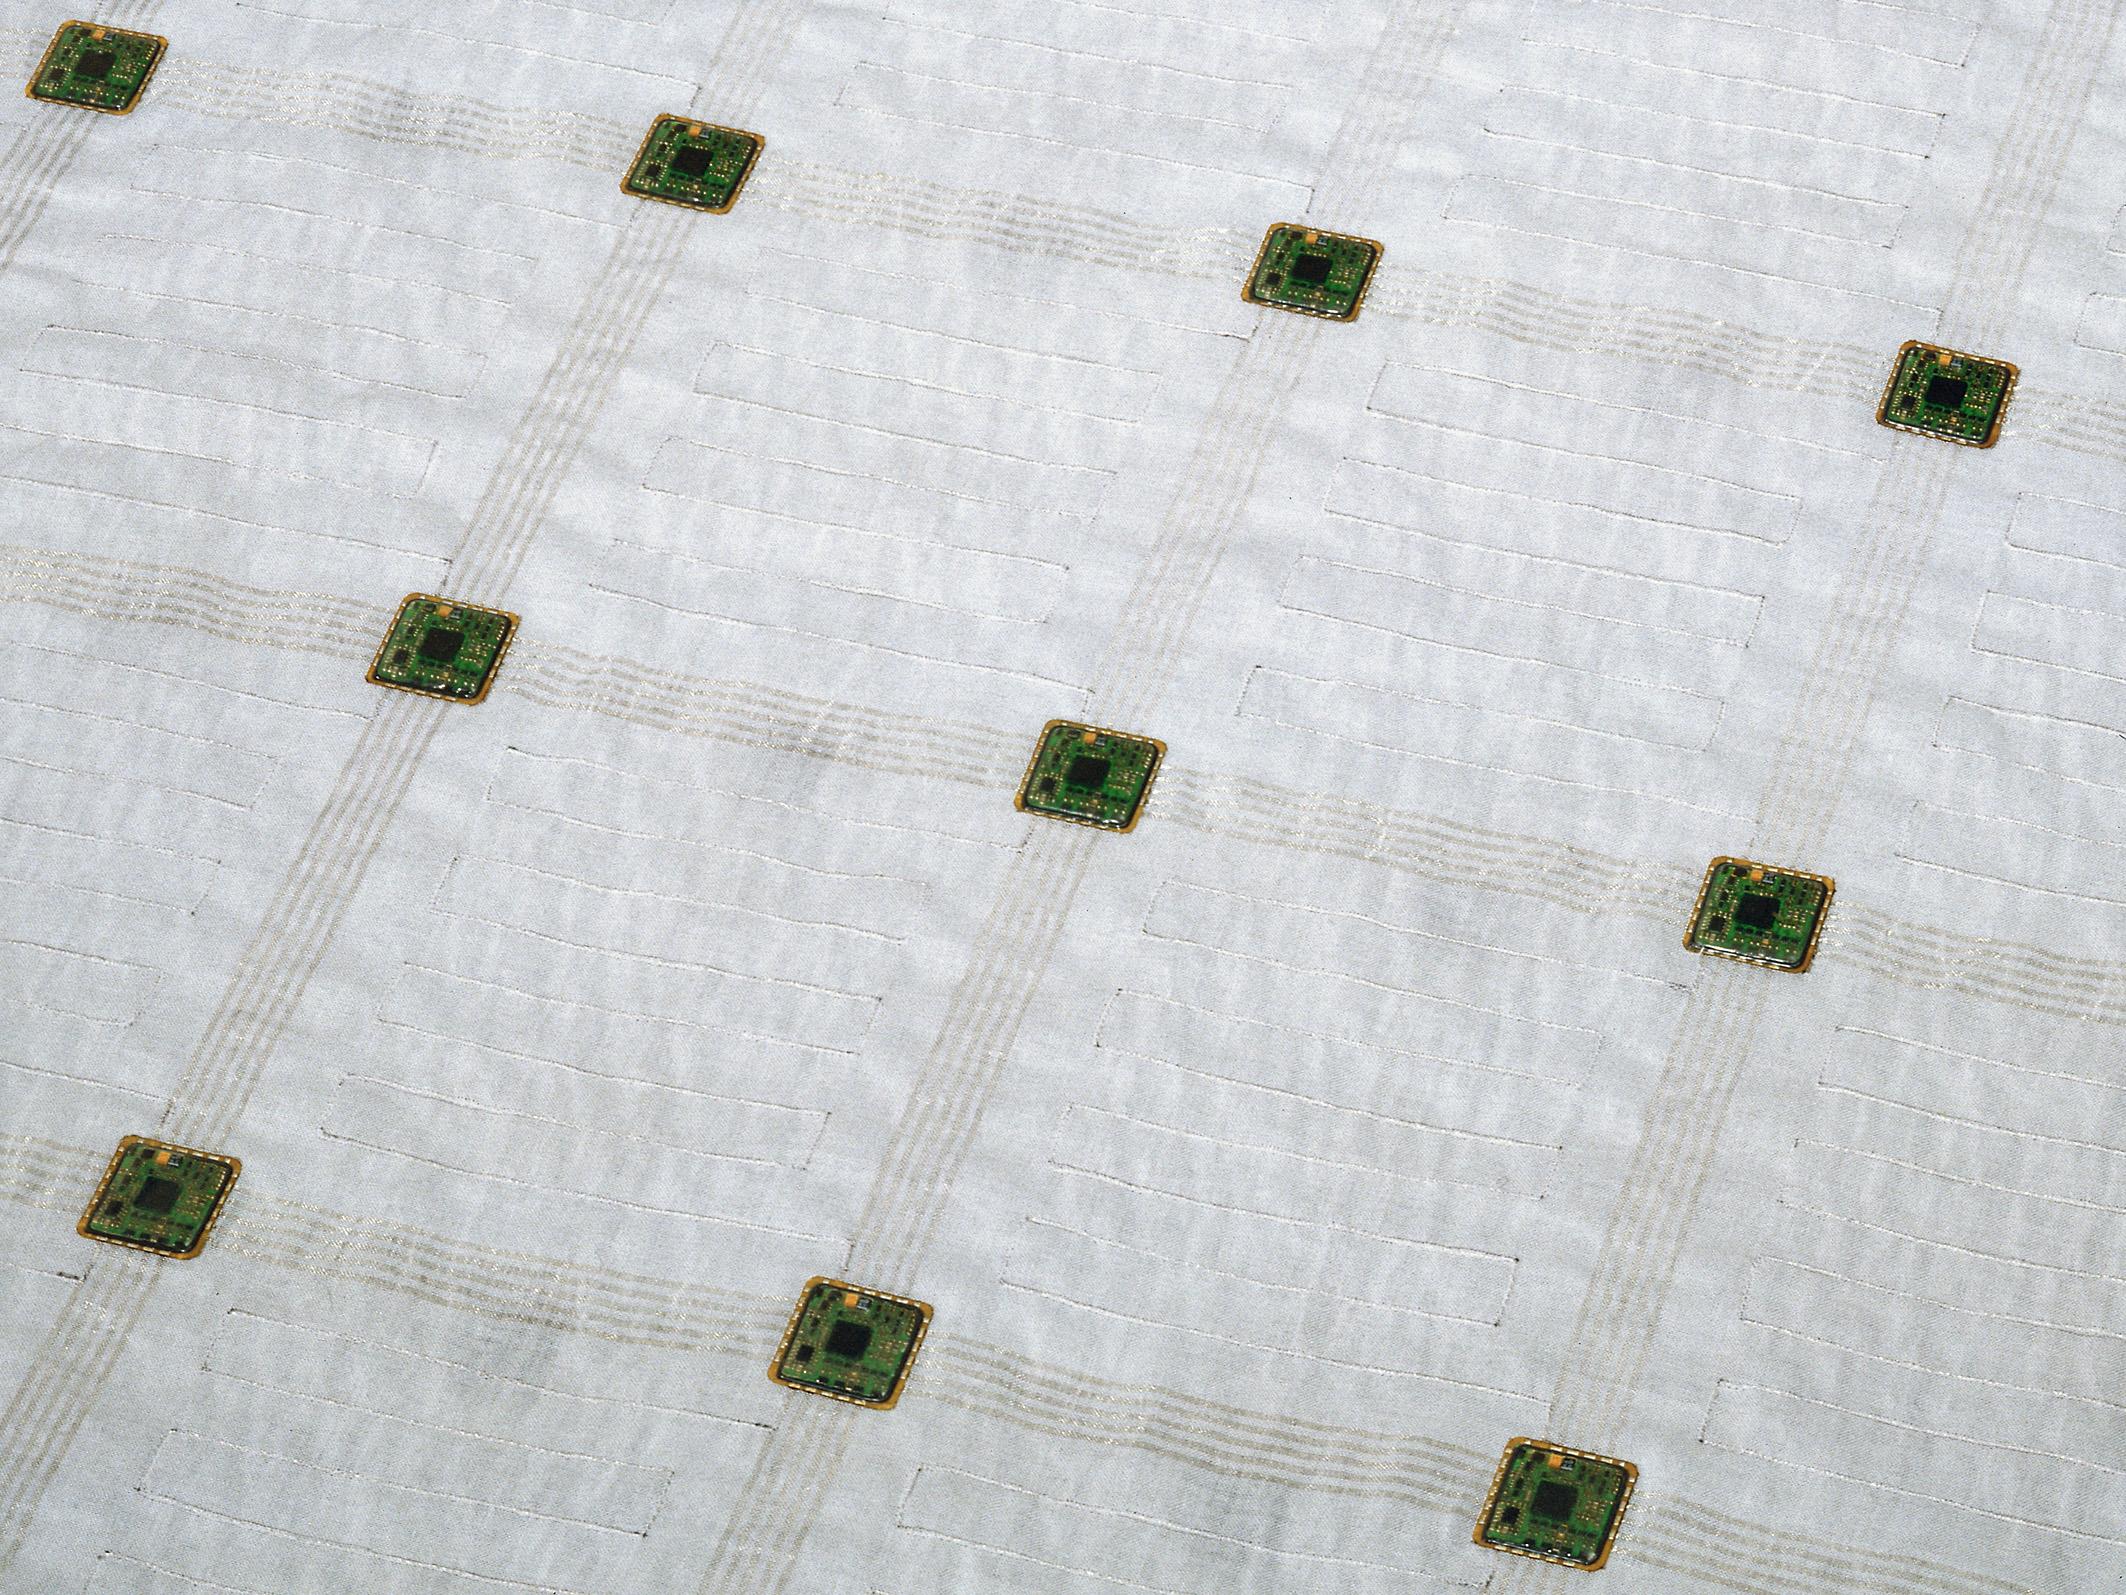 Zukunft Braucht Visionen Vorwerk Teppichwerke Und Infineon